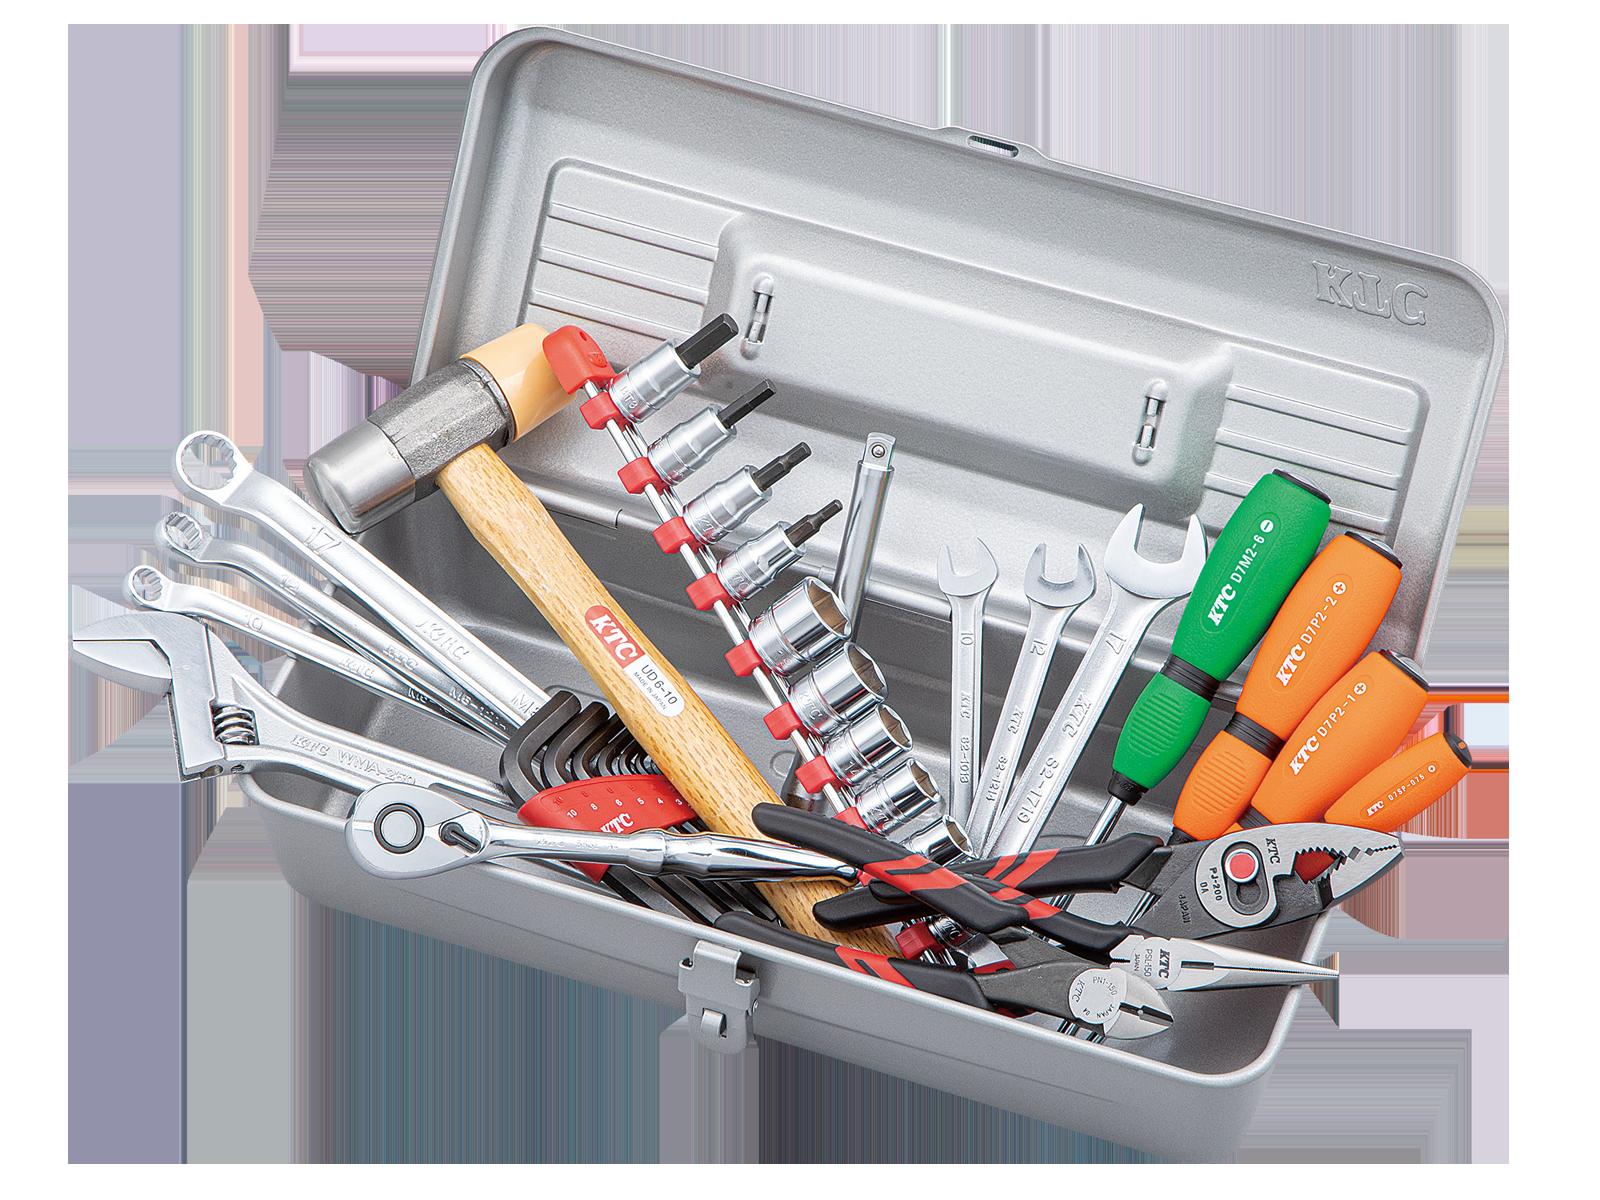 個人持ち推奨工具セット(SK33621M)